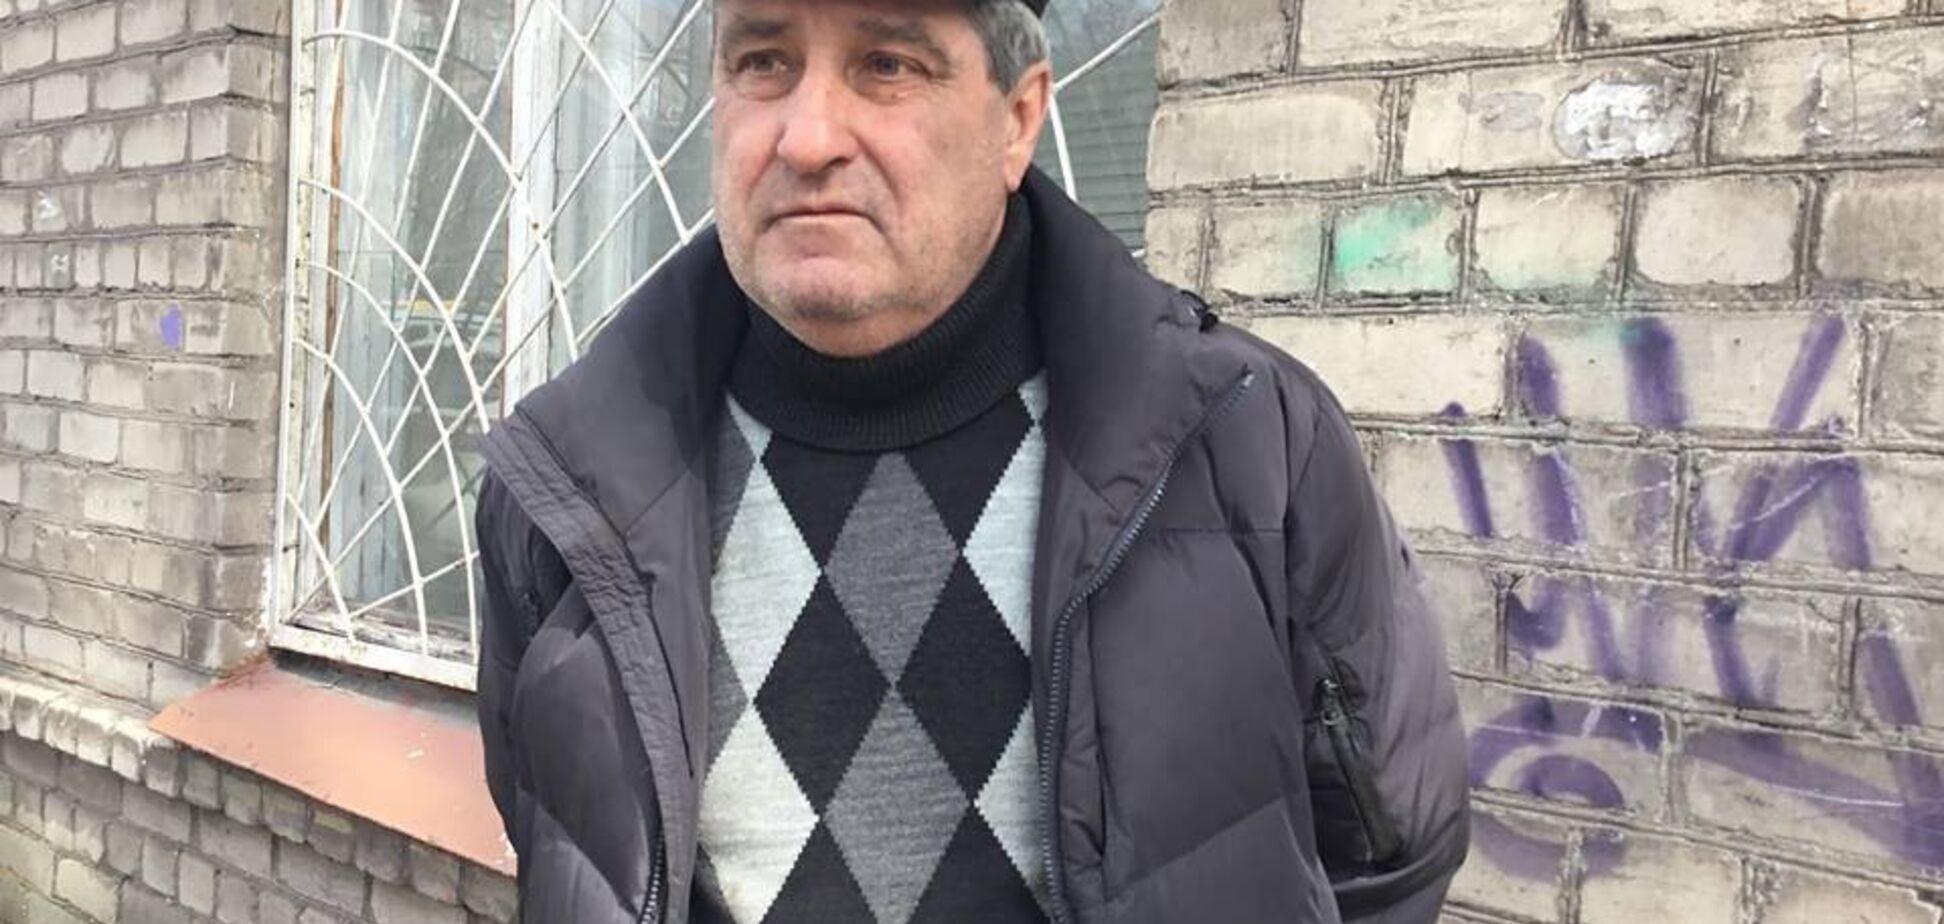 Поговорив з СБУ: водій з Маріуполя вибачився за 'козячу' українську мову